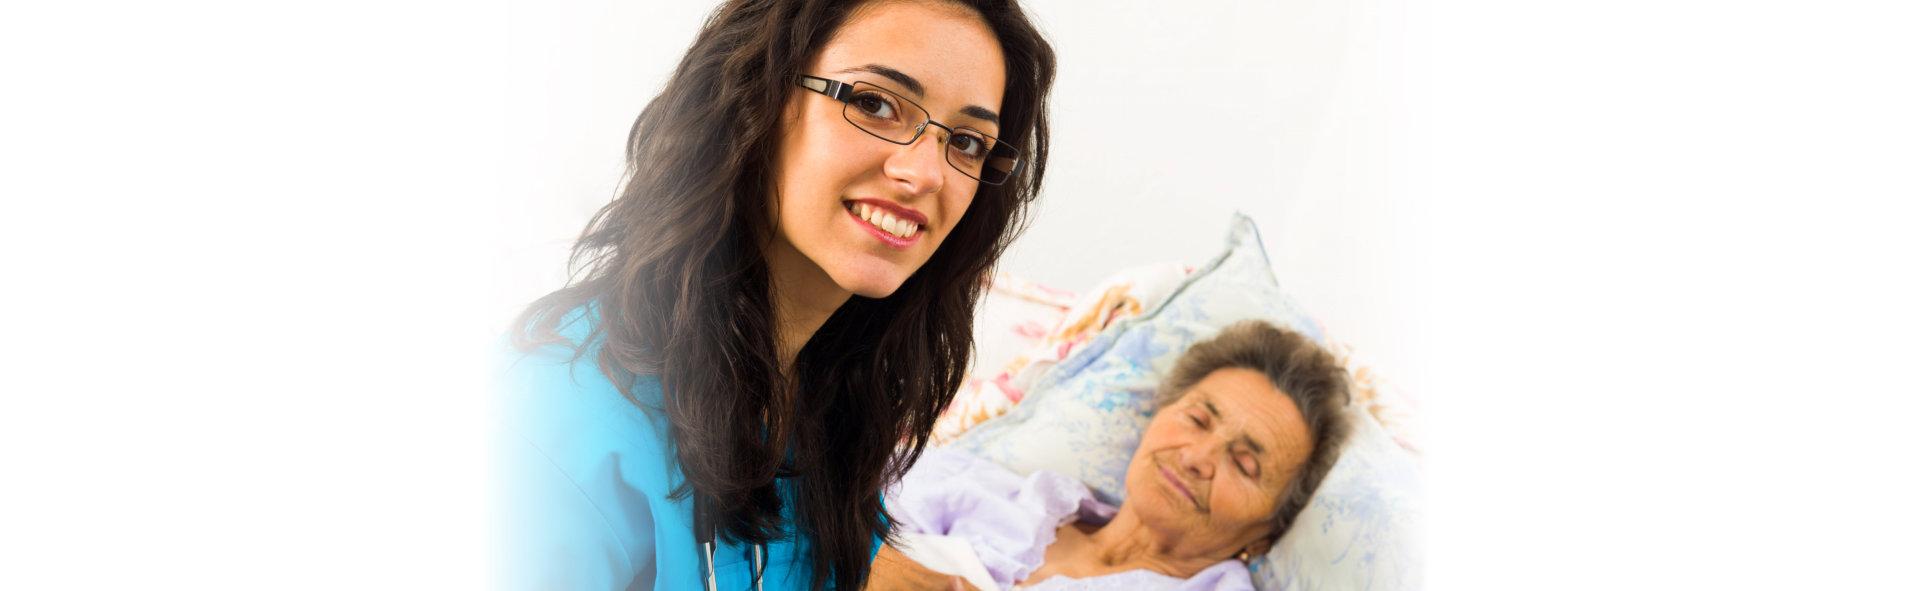 Smiling nurse caring for kind elder patient in nursing home.